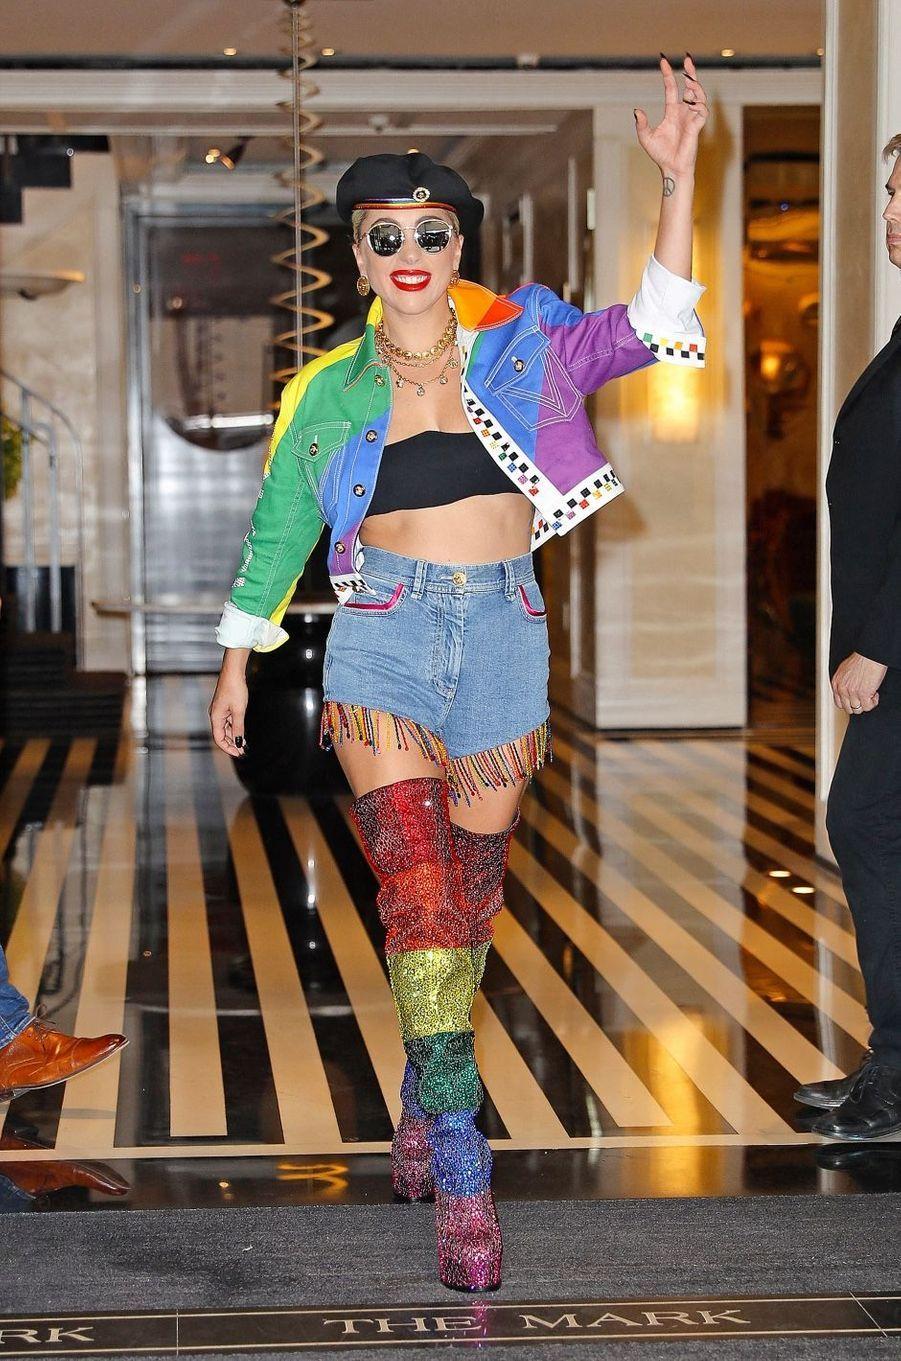 Connue pour ses looks extravertis, Lady Gaga est aussi une activiste et défend particulièrement la communauté LGBT, elle y même dédié une chanson: «Born this way». Elle milite également contre les violences sexuelles et a entre autres co-écrit un texte de loi blâmant le viol sur les campus universitaires.